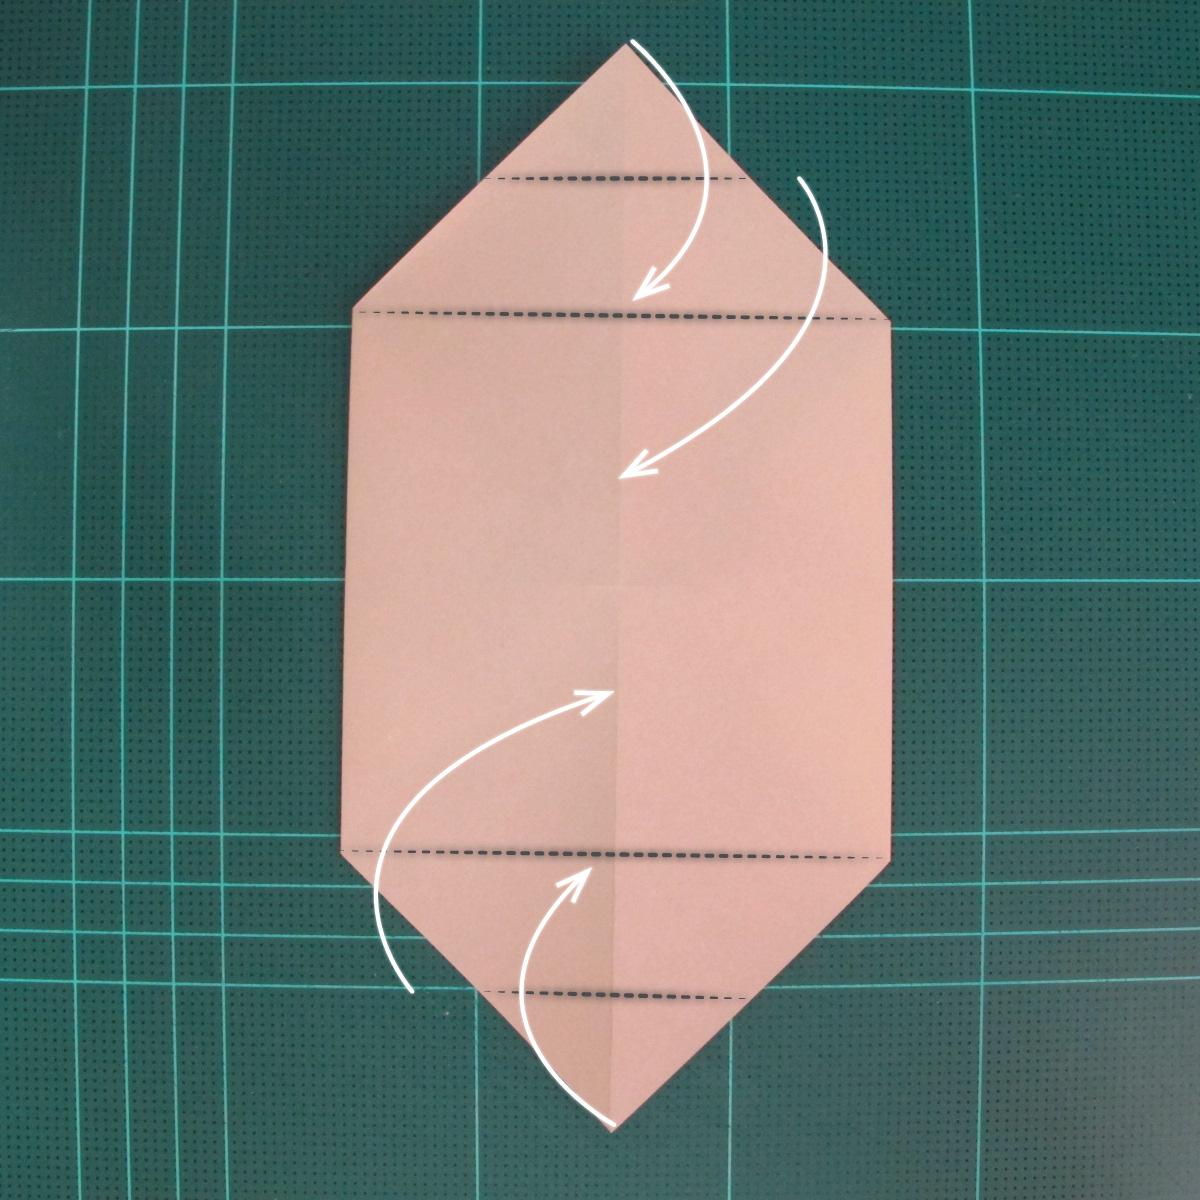 การพับกระดาษเป็นรูปเรือเรือสำปั้น (Origami Sampan) 005